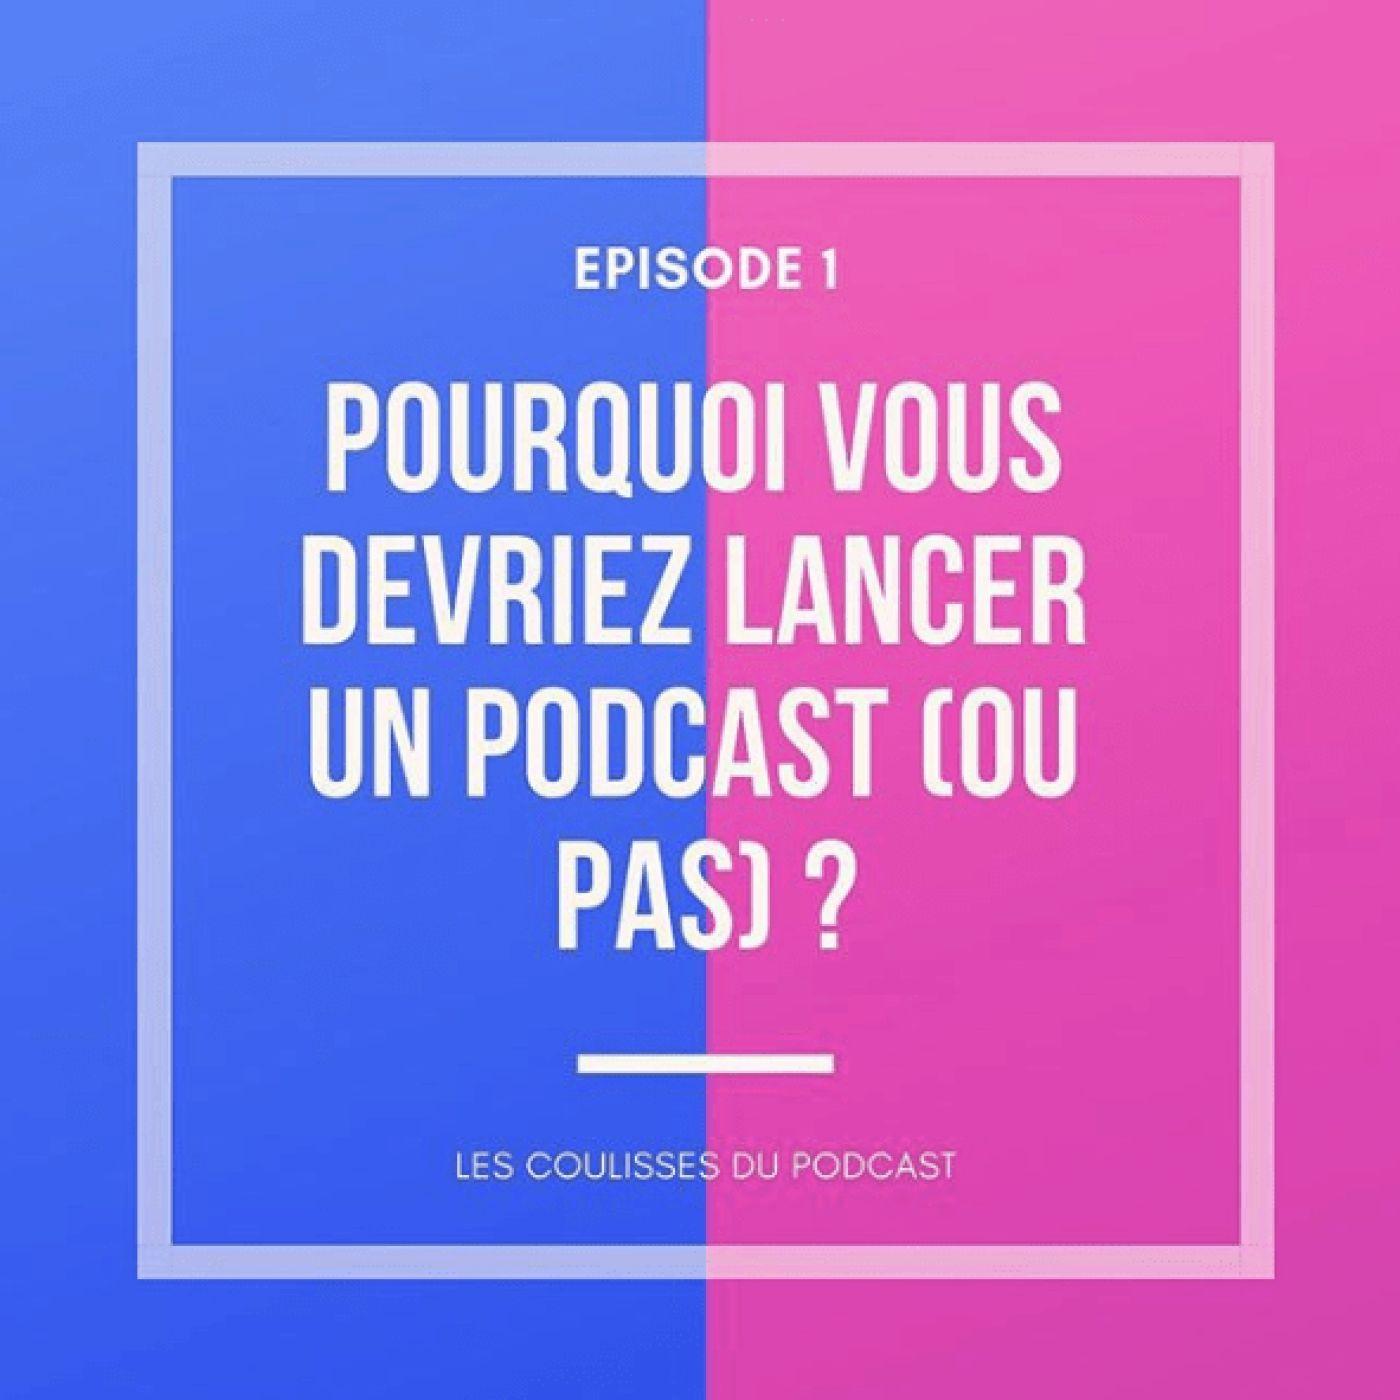 Pourquoi vous devriez lancer un podcast (ou pas) ?